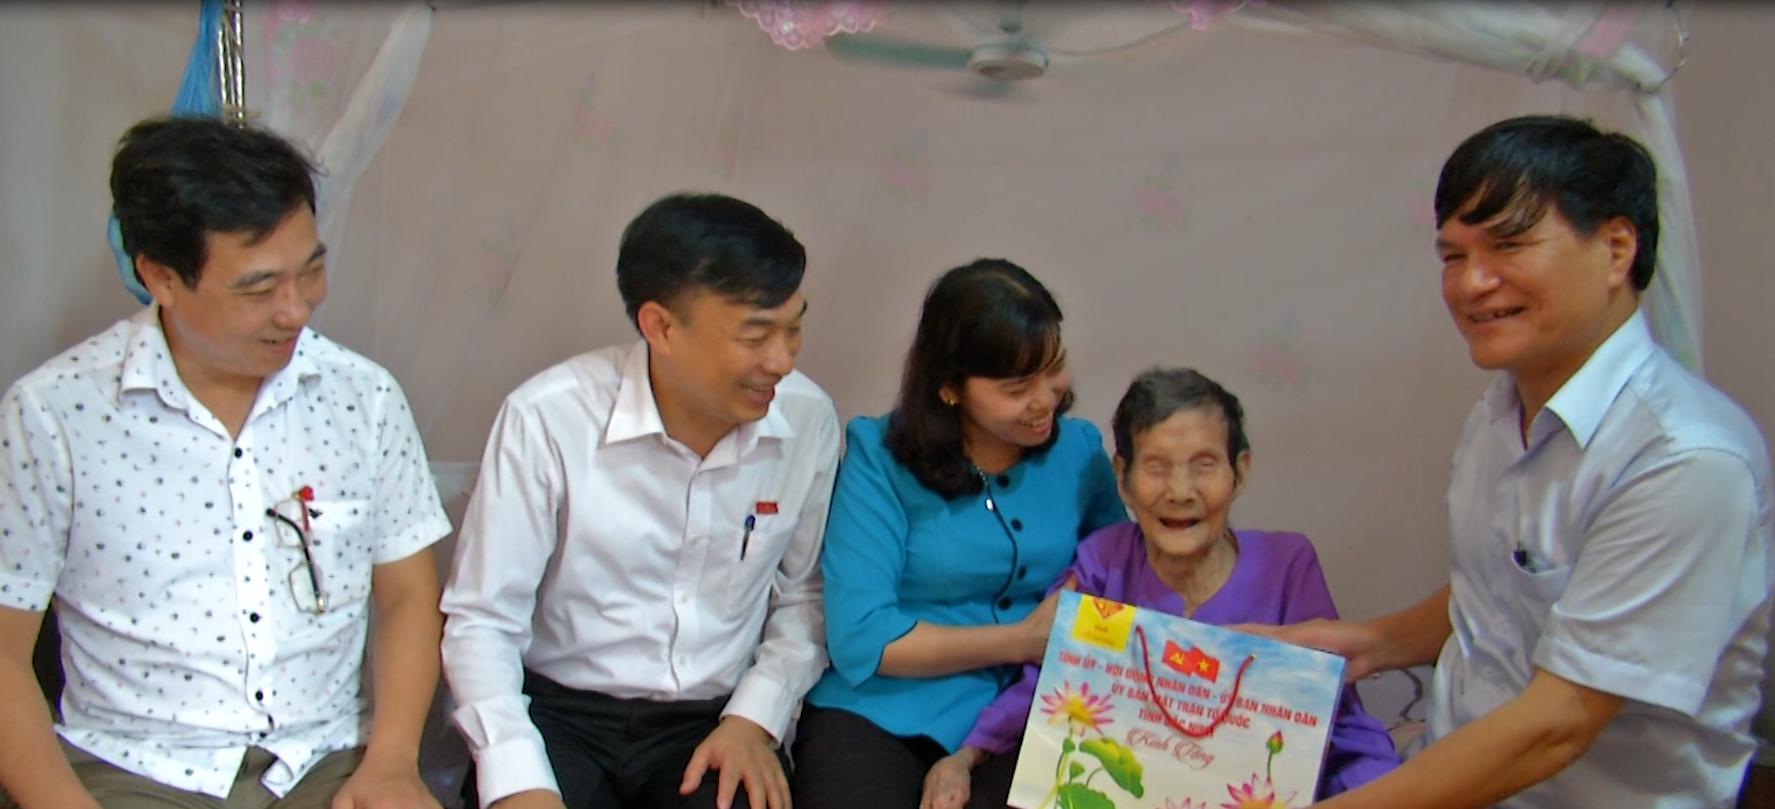 Đồng chí Nguyễn Văn Hùng, Trưởng Ban Tổ chức Tỉnh ủy,  thăm, tặng quà Mẹ VNAH tại Quế Võ